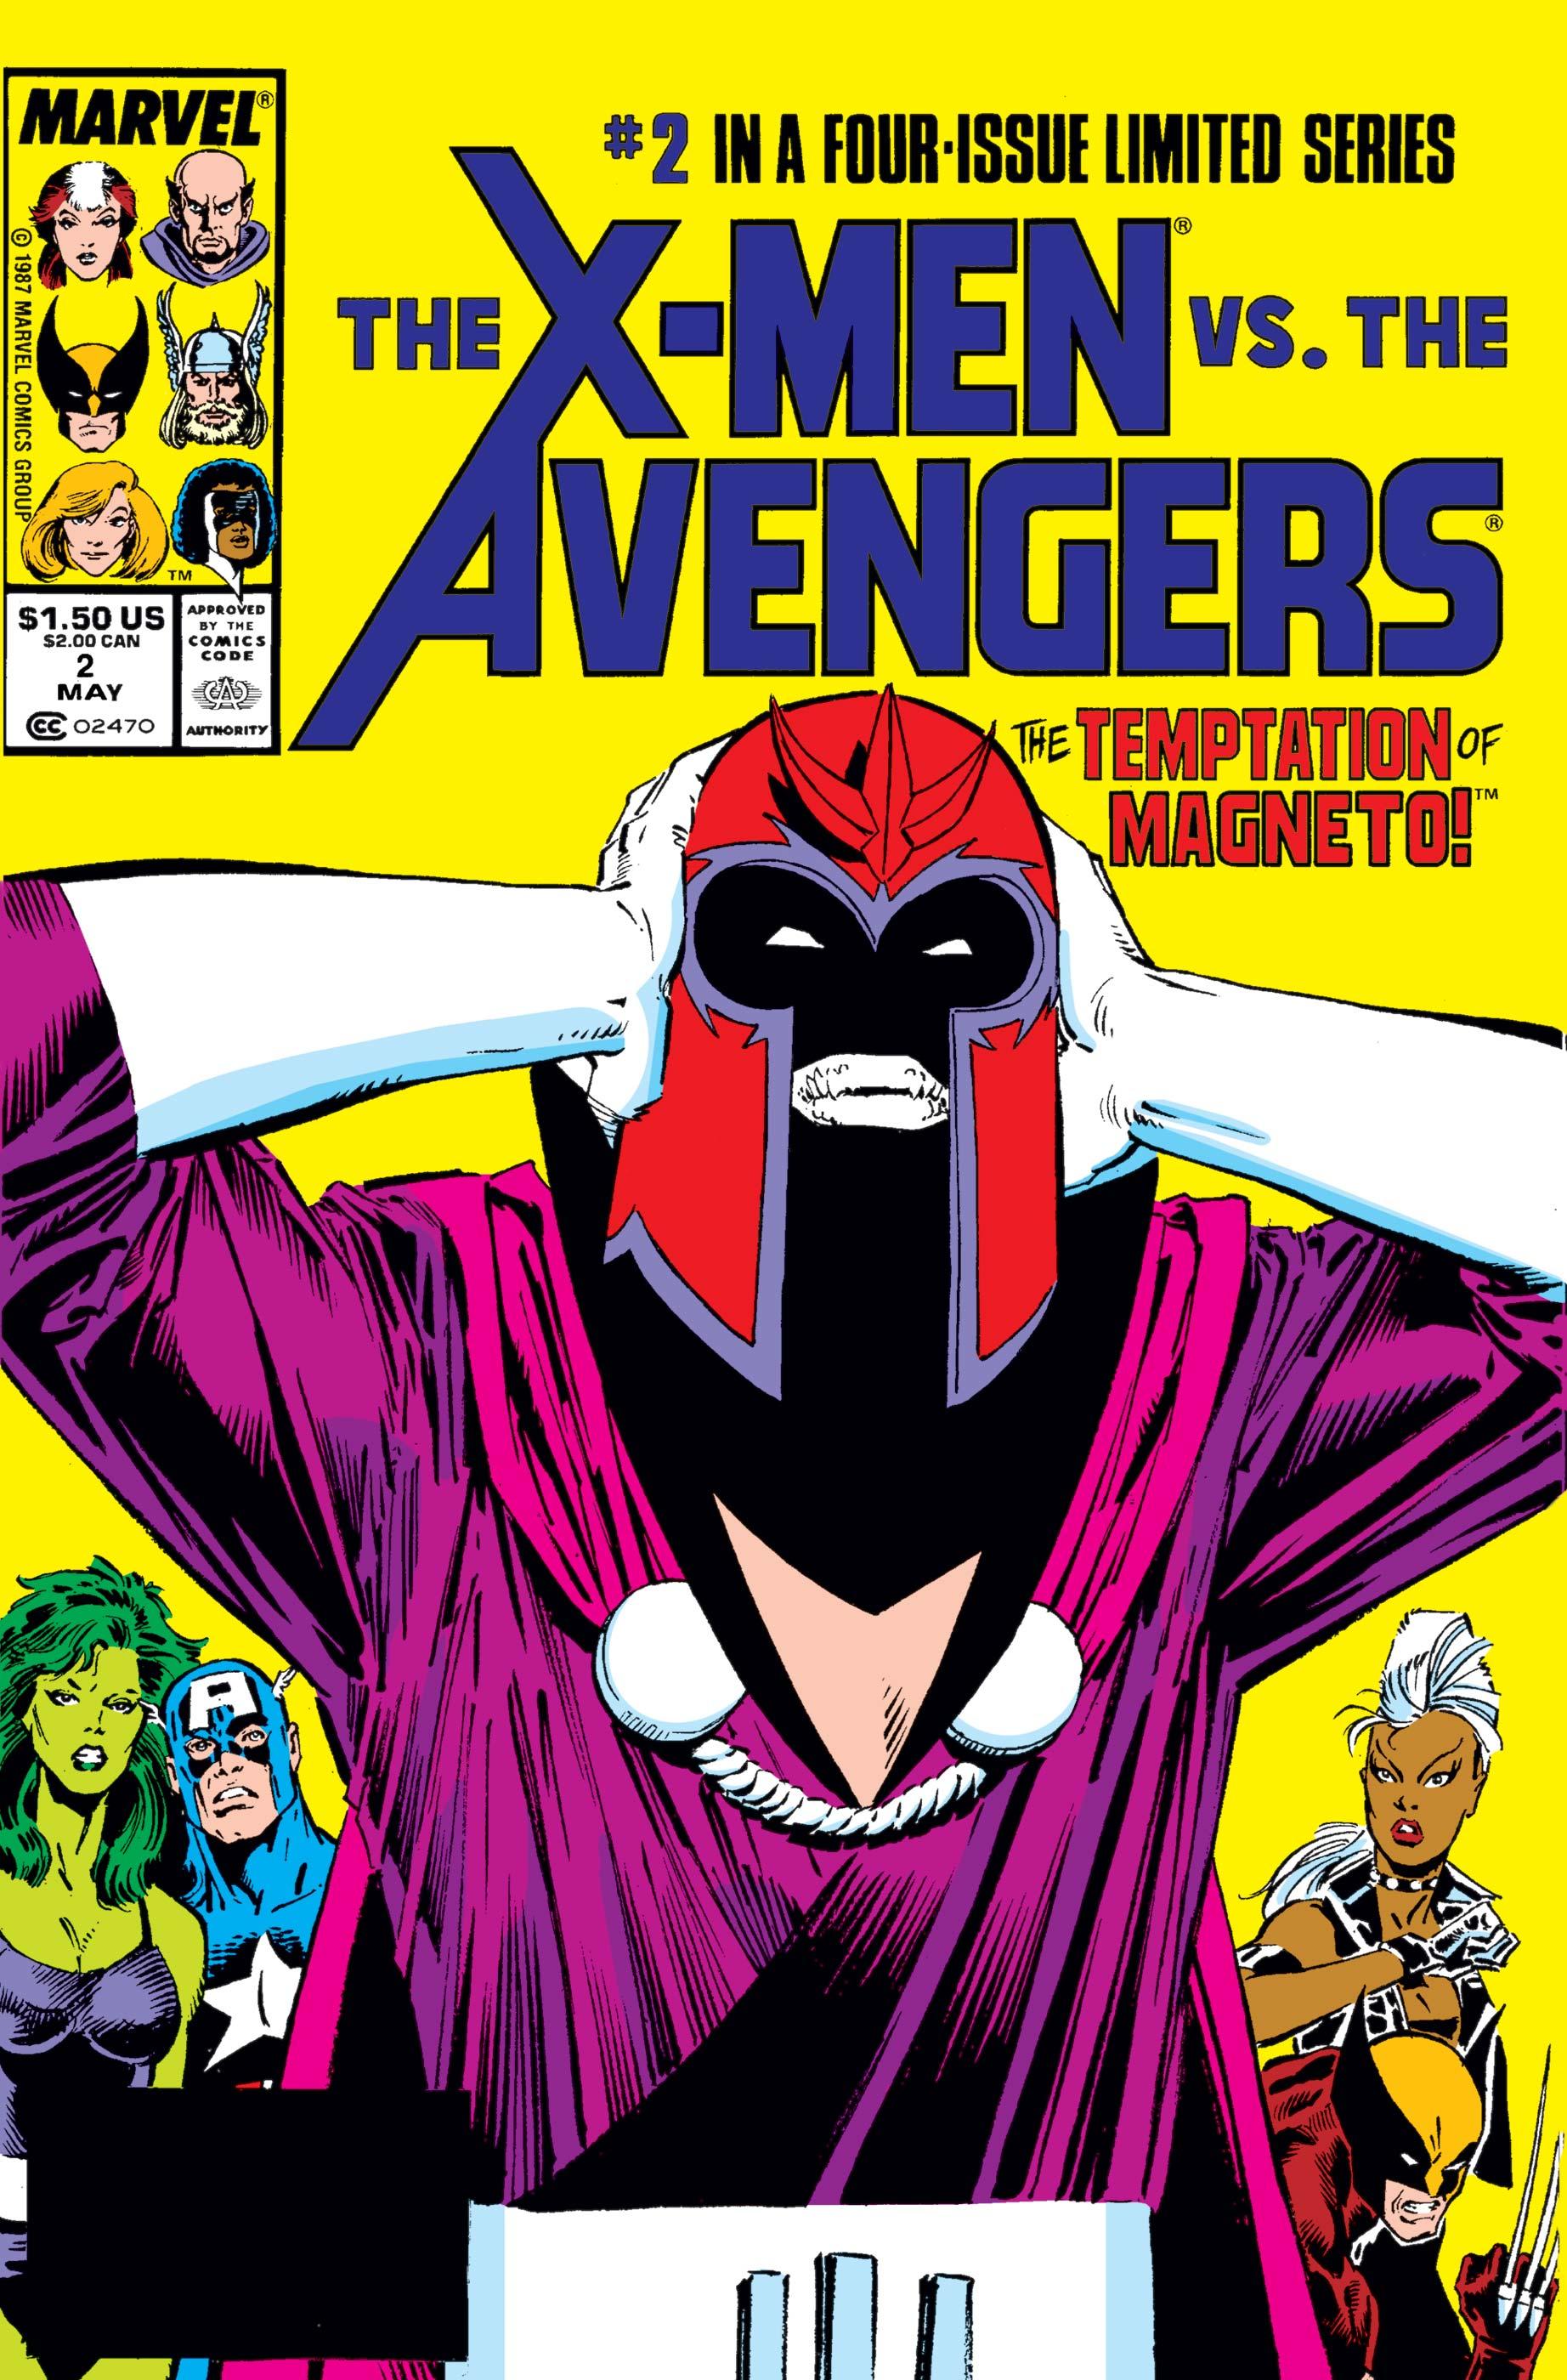 X-Men Vs. Avengers (1987) #2